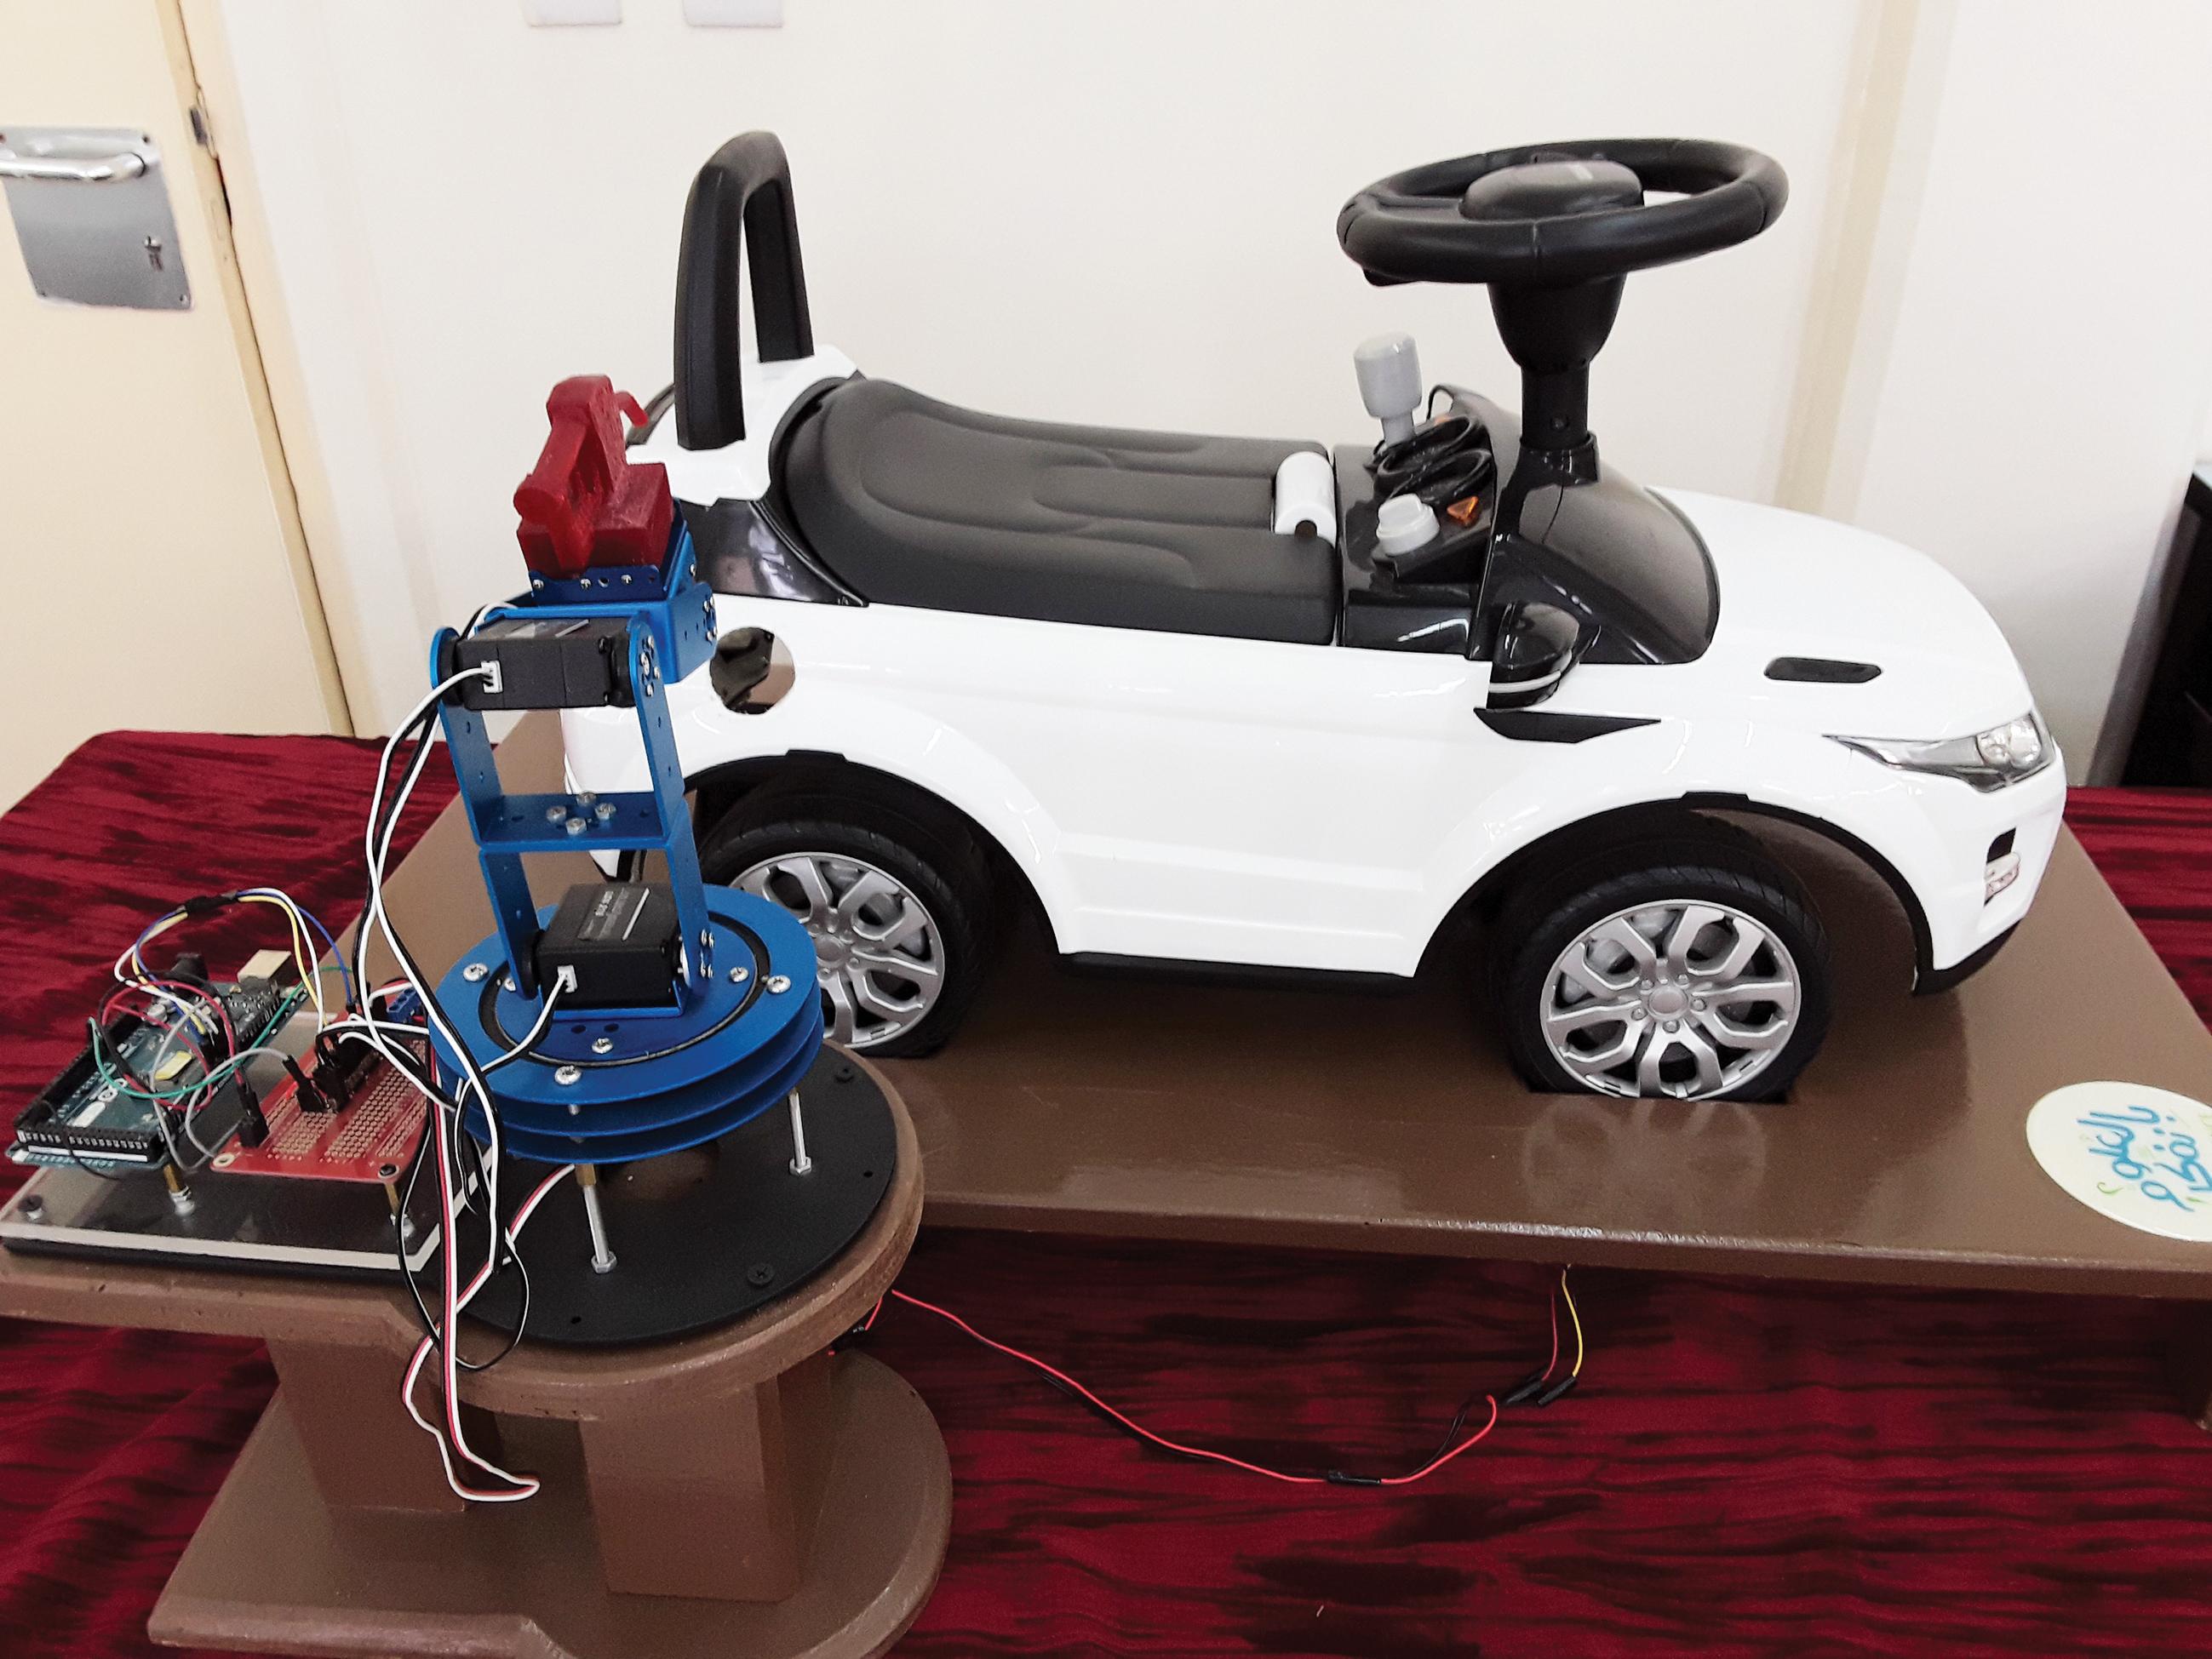 الصورة : مشروع نظام تزويد المركبات بالوقود تلقائياً